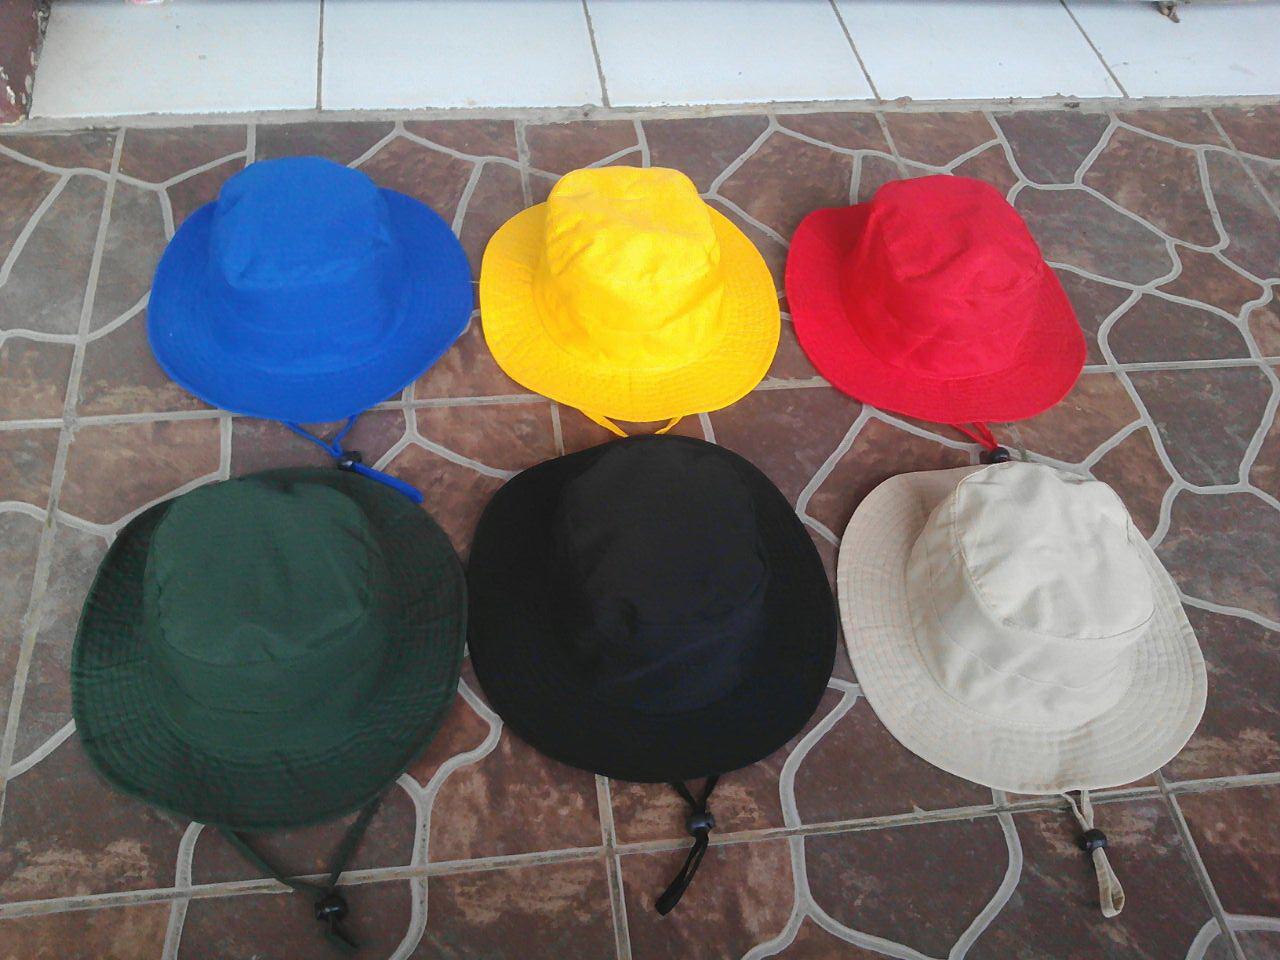 Konveksi topi rimba adalah pabrik produsen tempat pembikinan topi rimba murah  berkualitas dan harga terjangkau 3e74cebd57